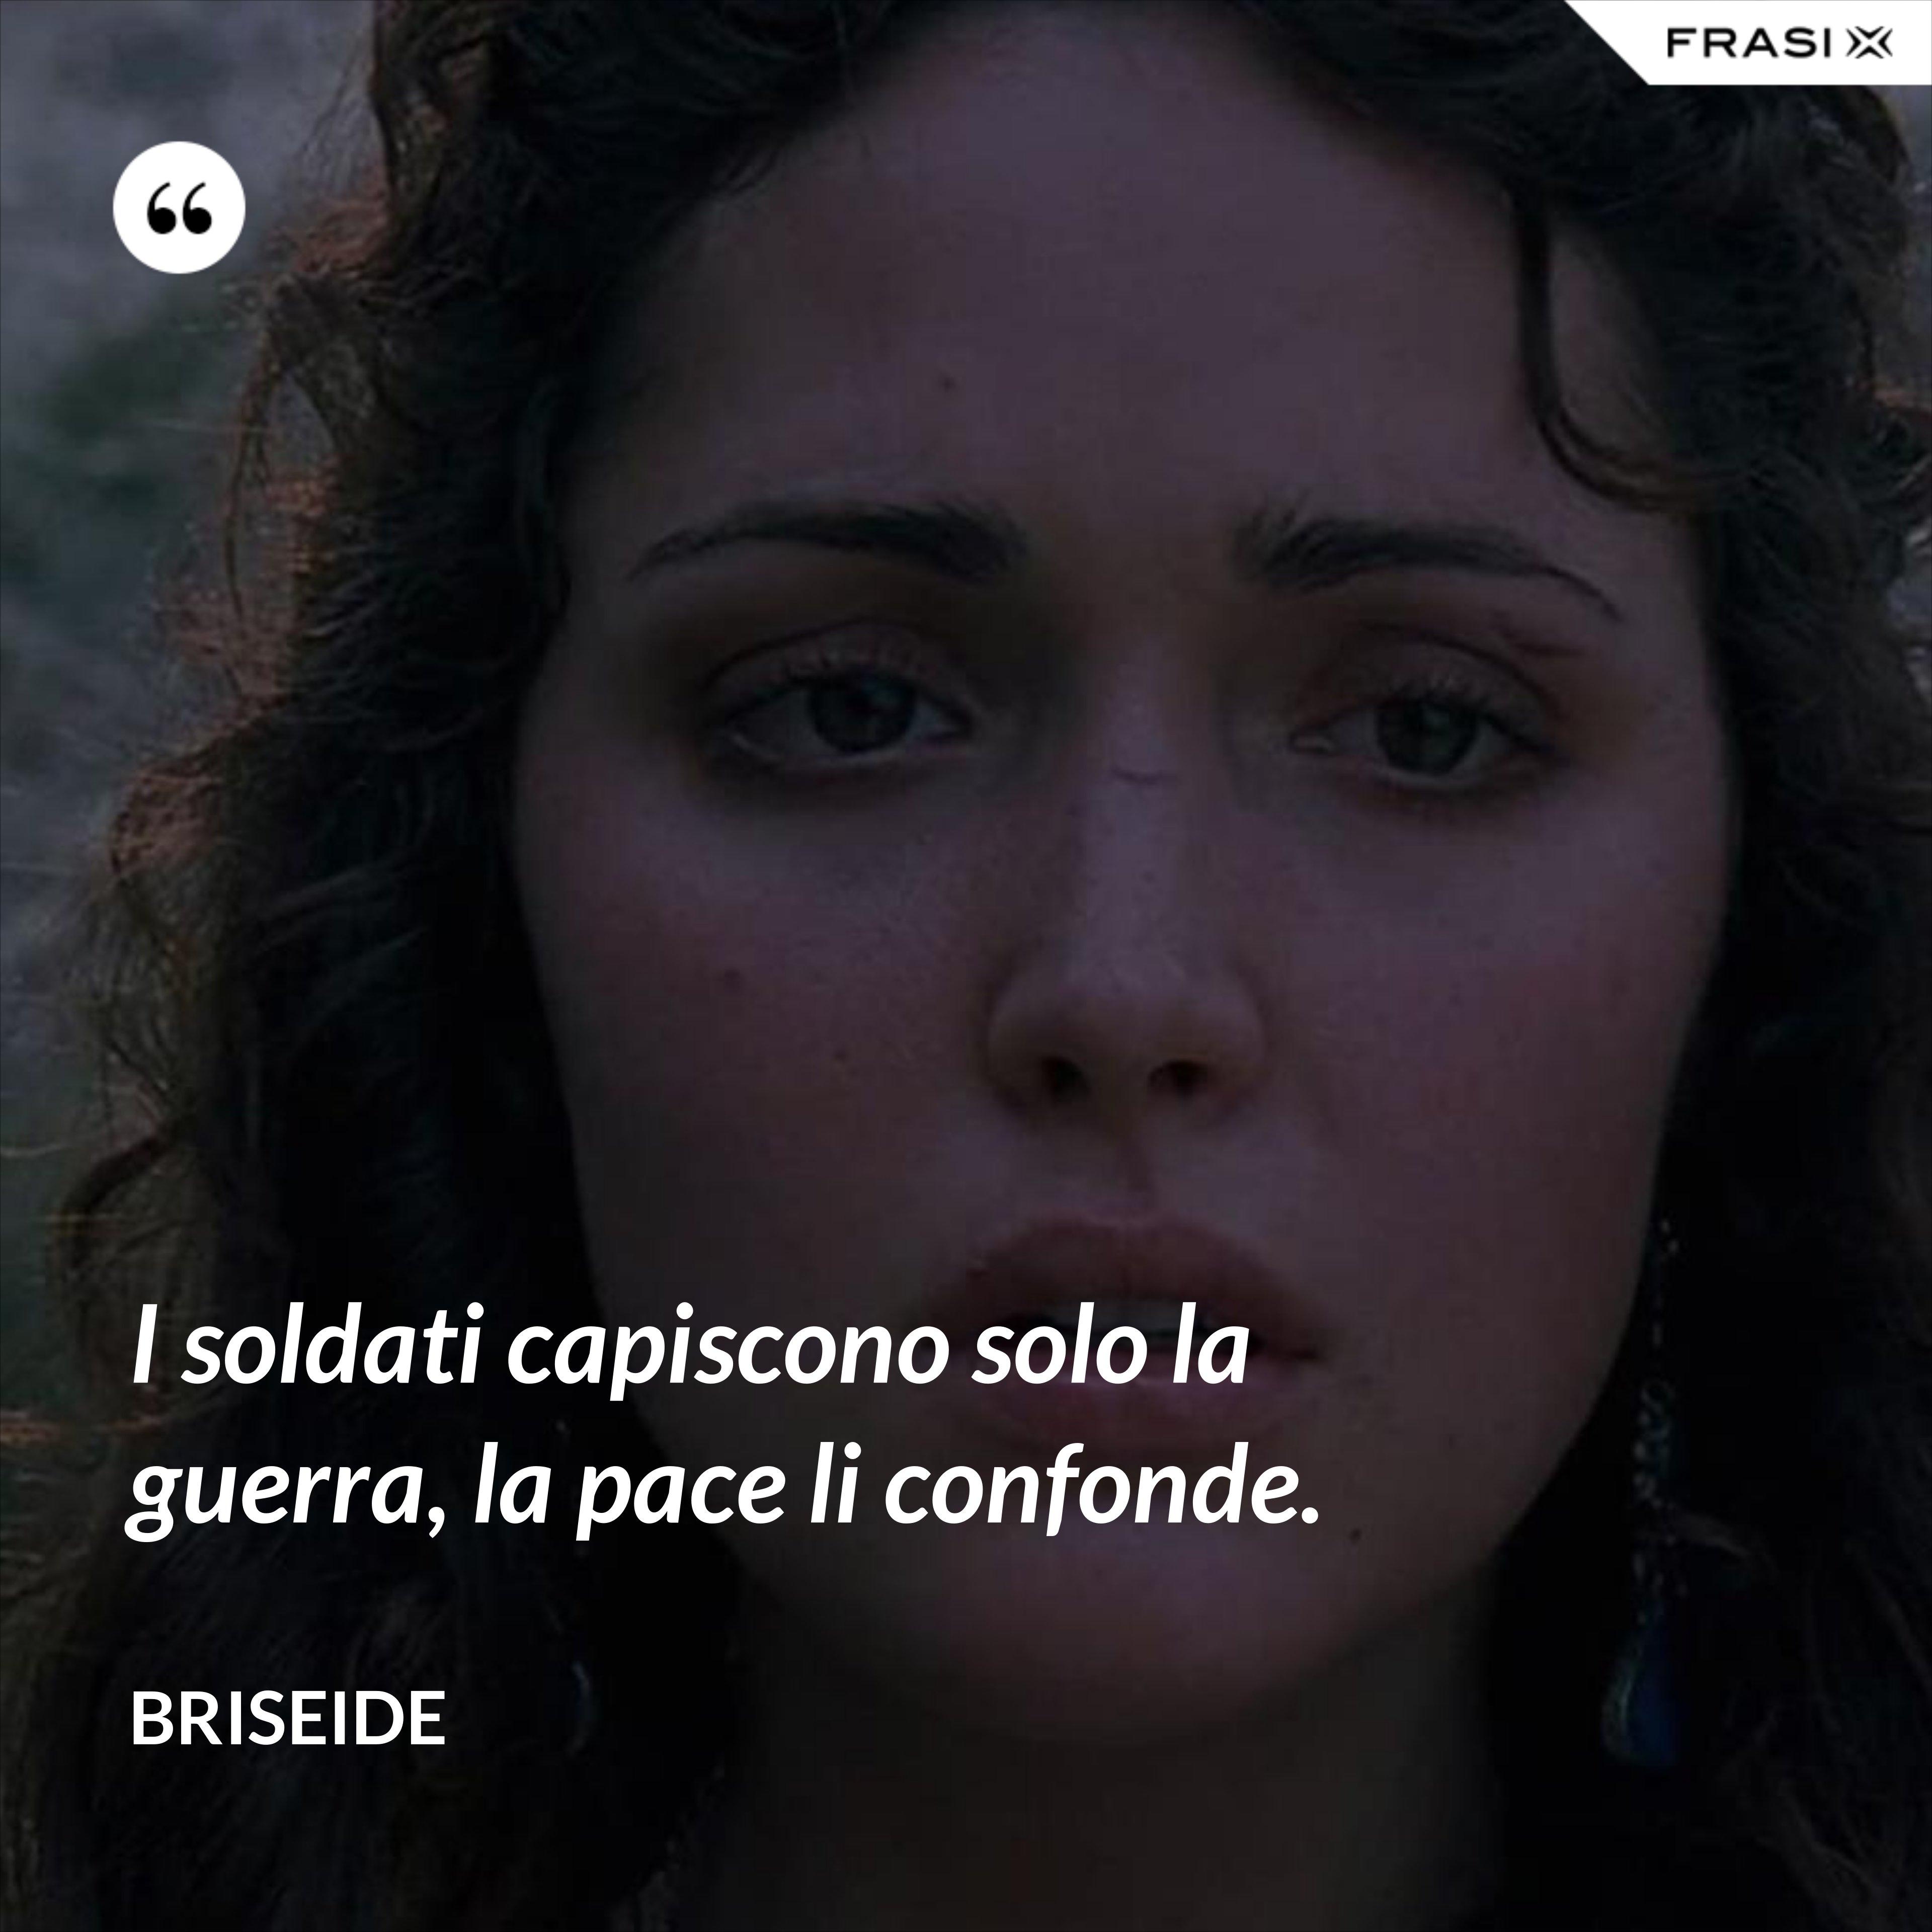 I soldati capiscono solo la guerra, la pace li confonde. - Briseide